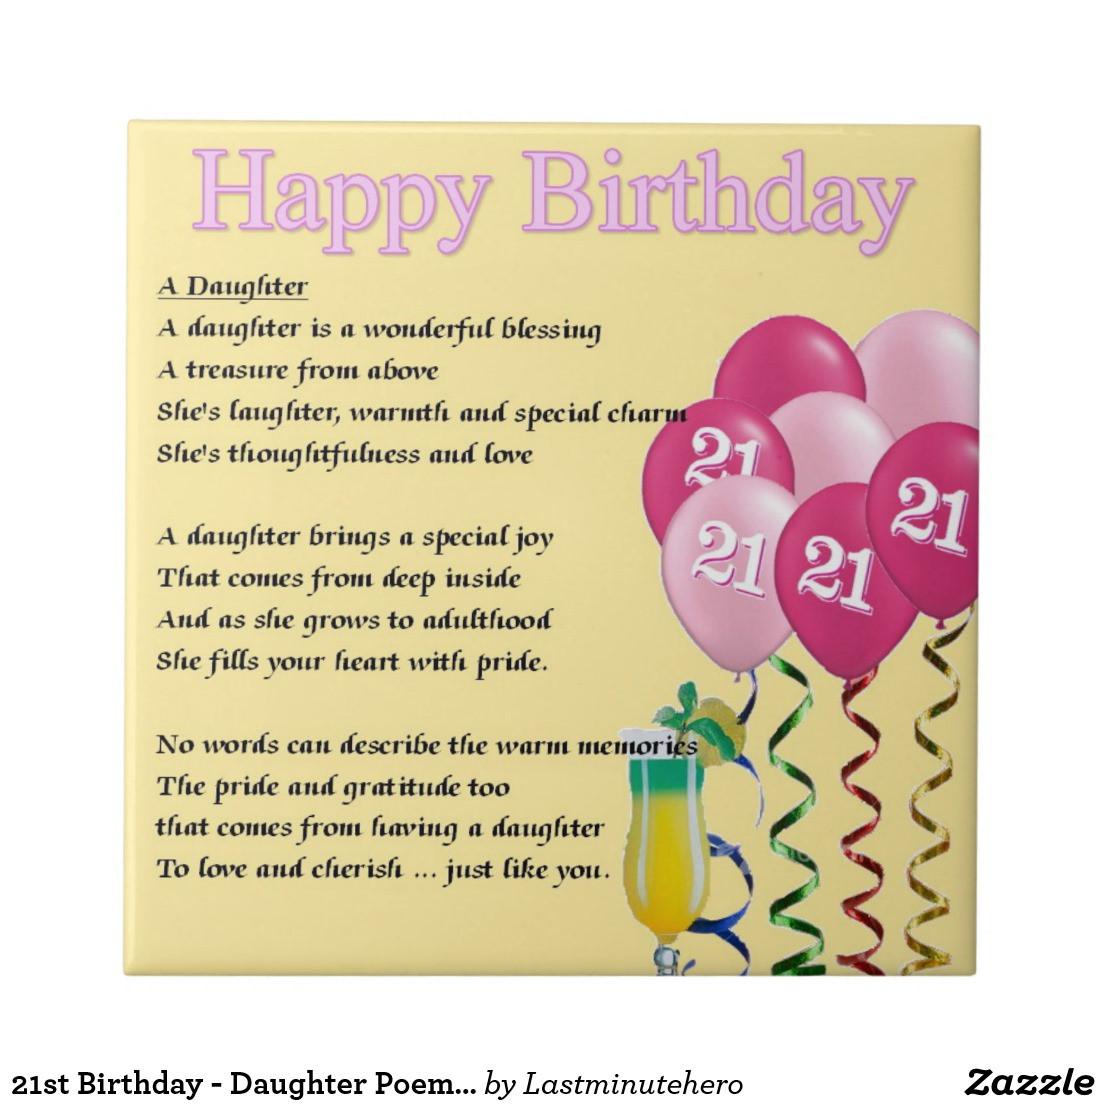 Geburtstagssprüche Für Tochter  Sprüche Geburtstag Tochter